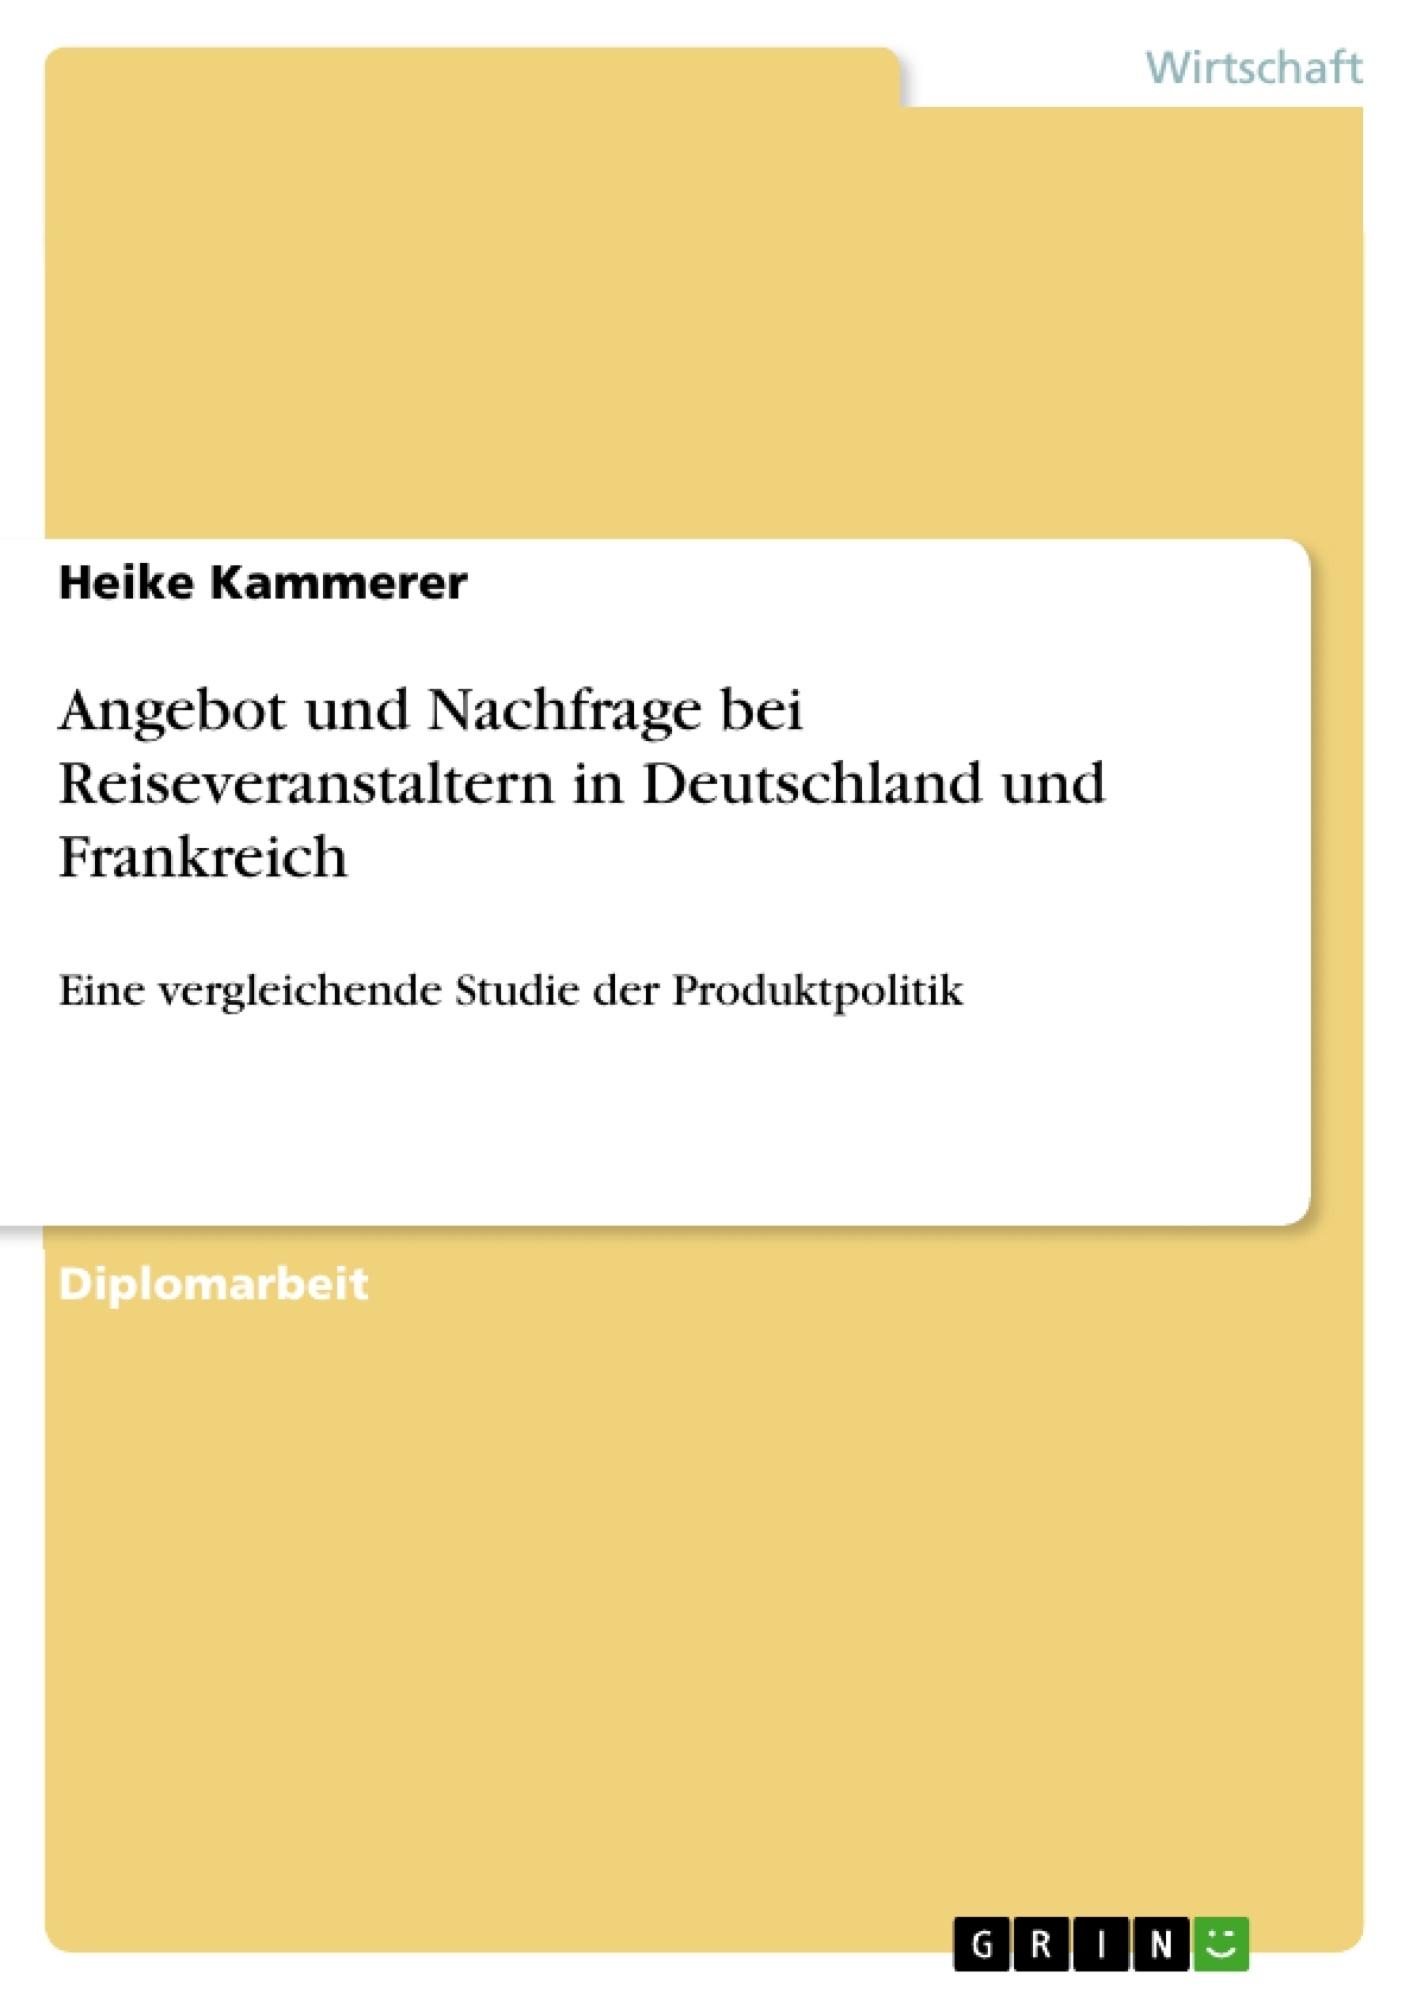 Titel: Angebot und Nachfrage bei Reiseveranstaltern in Deutschland und Frankreich